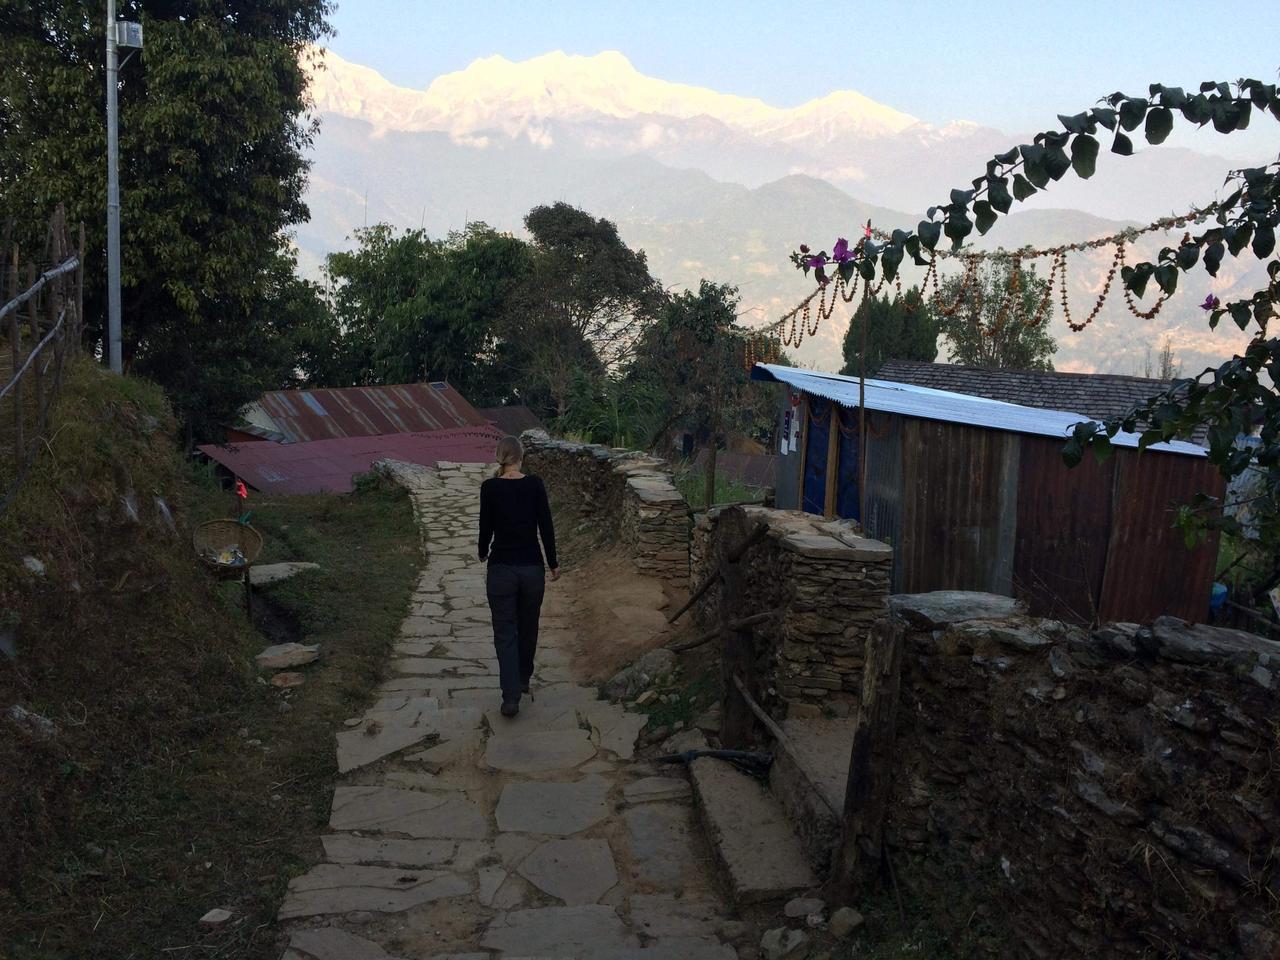 Šest týdnů s výhledem na Himaláje